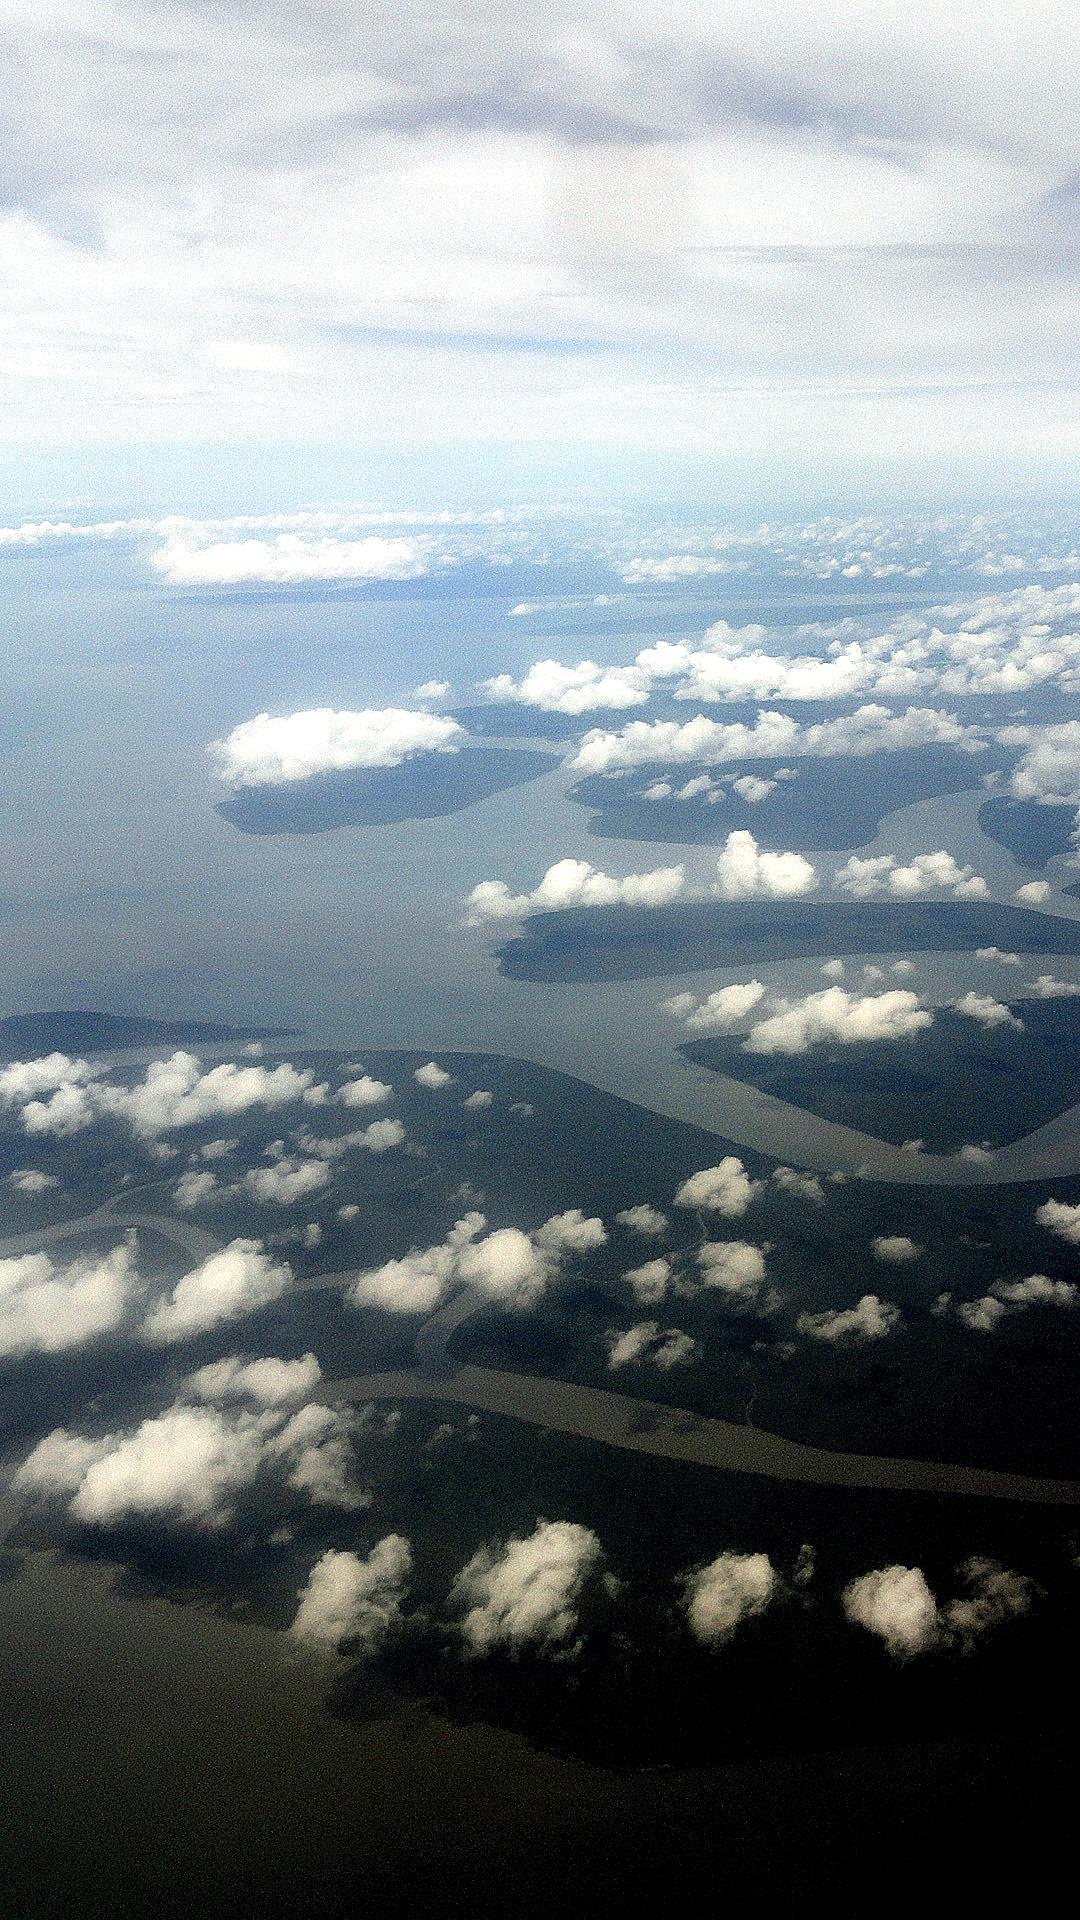 Islands & Clouds at Gulf-Coast Delta